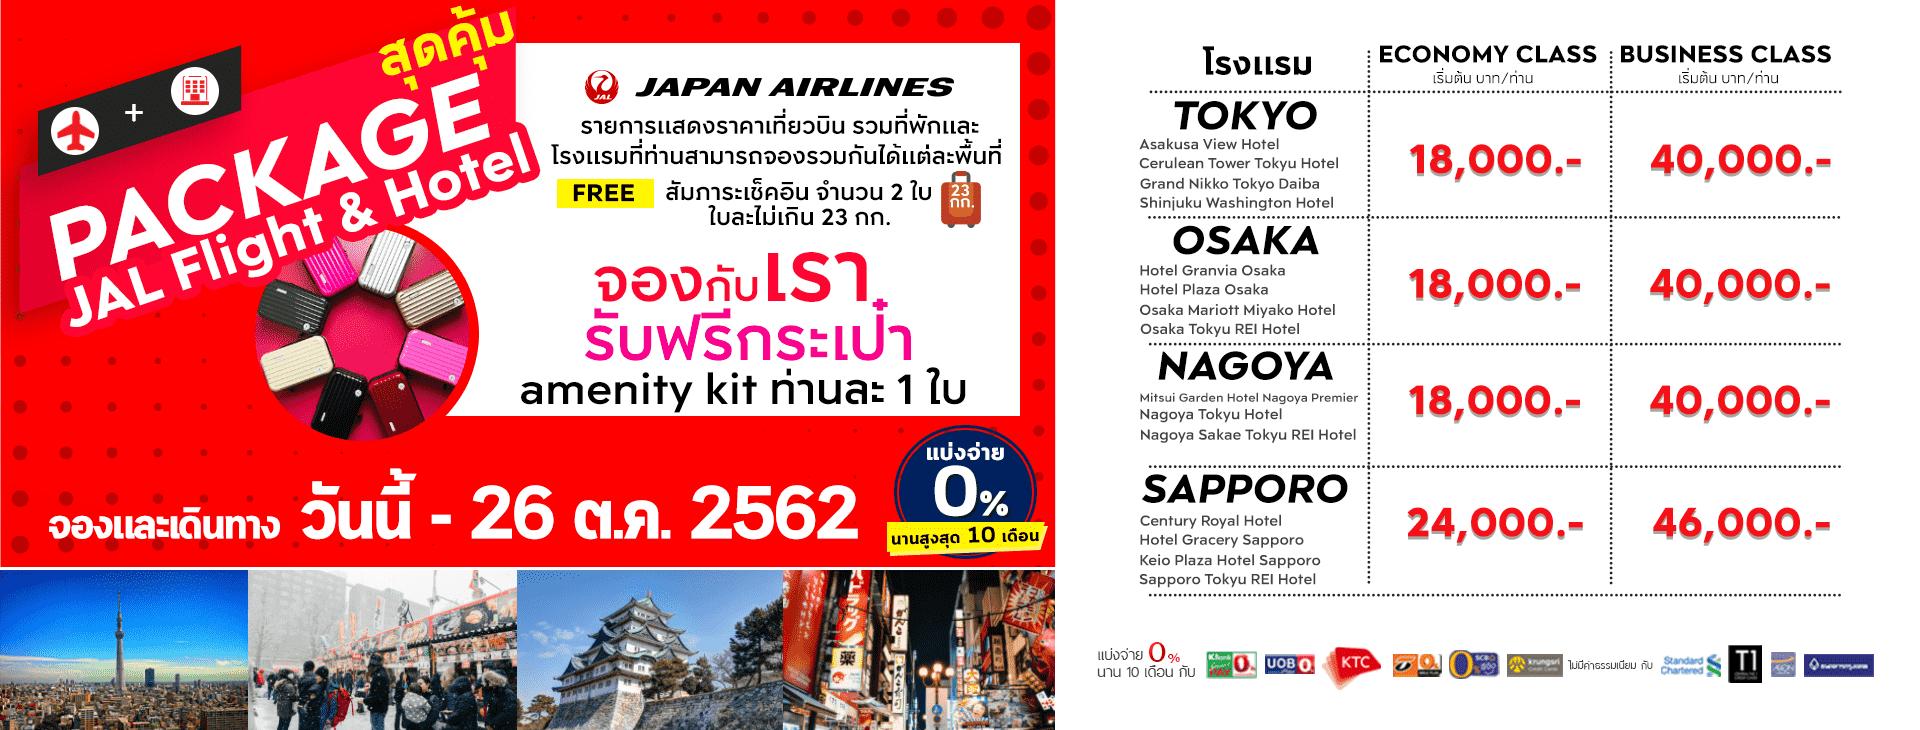 ตั๋ว+โรงแรมญี่ปุ่น